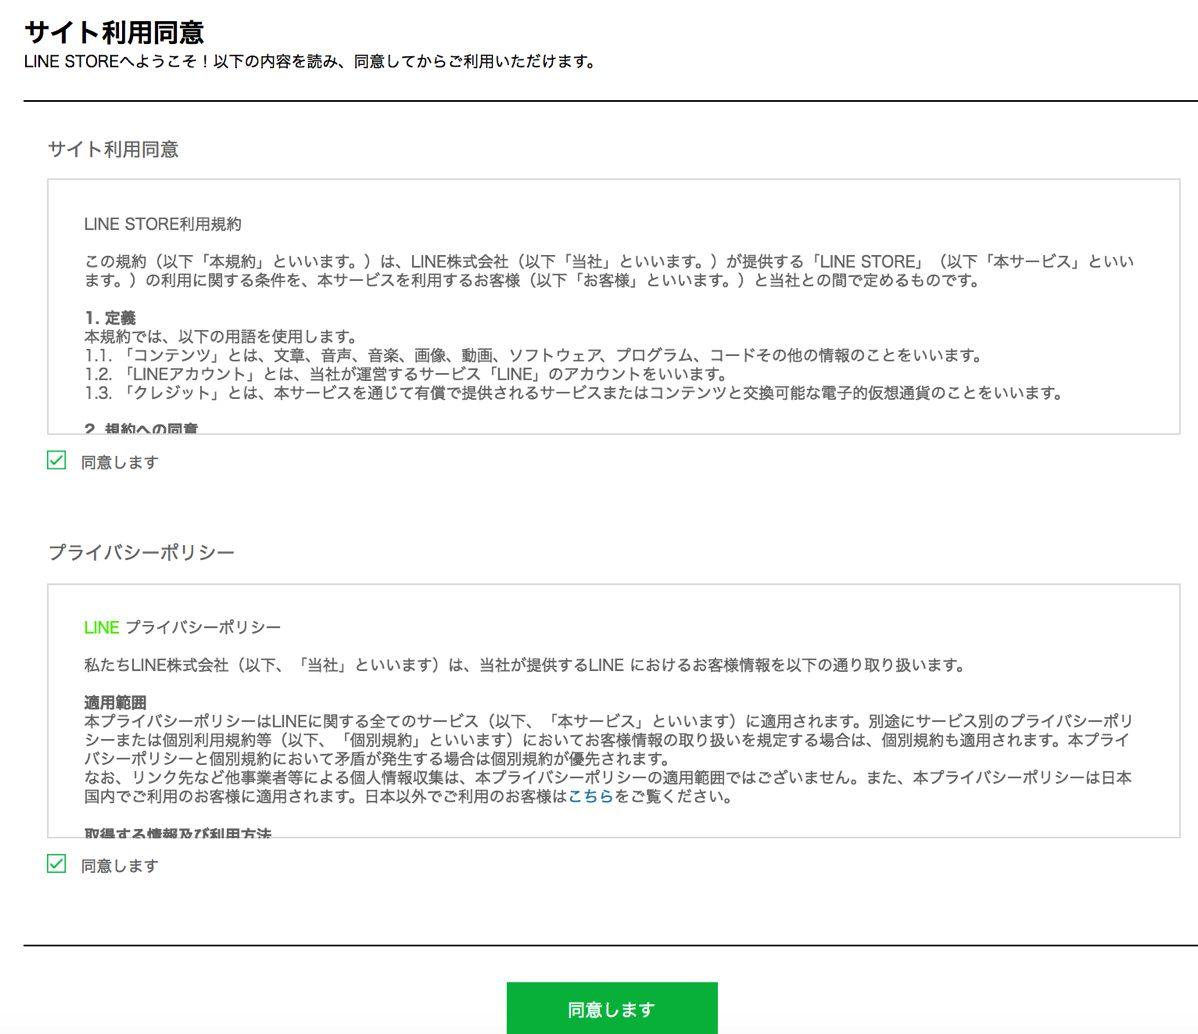 Line store3 ak up com